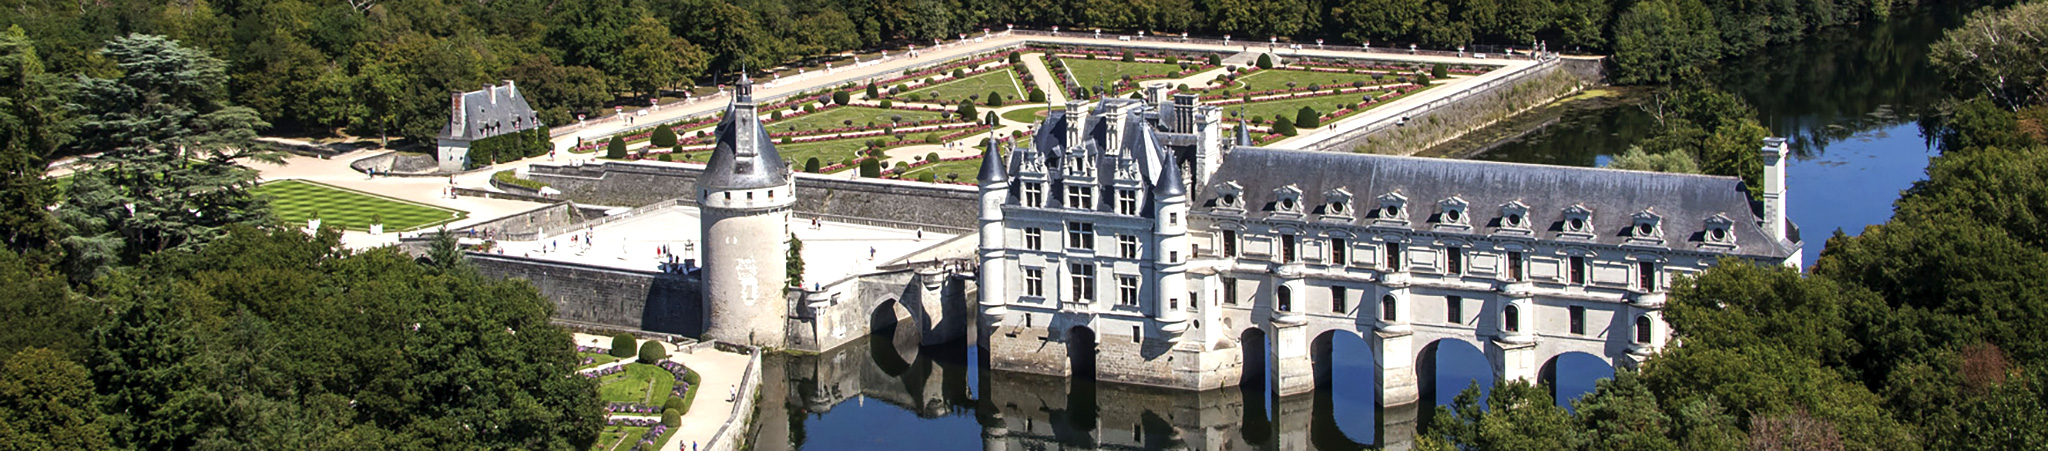 Châteaux de la Loire Camping Loisir Blois